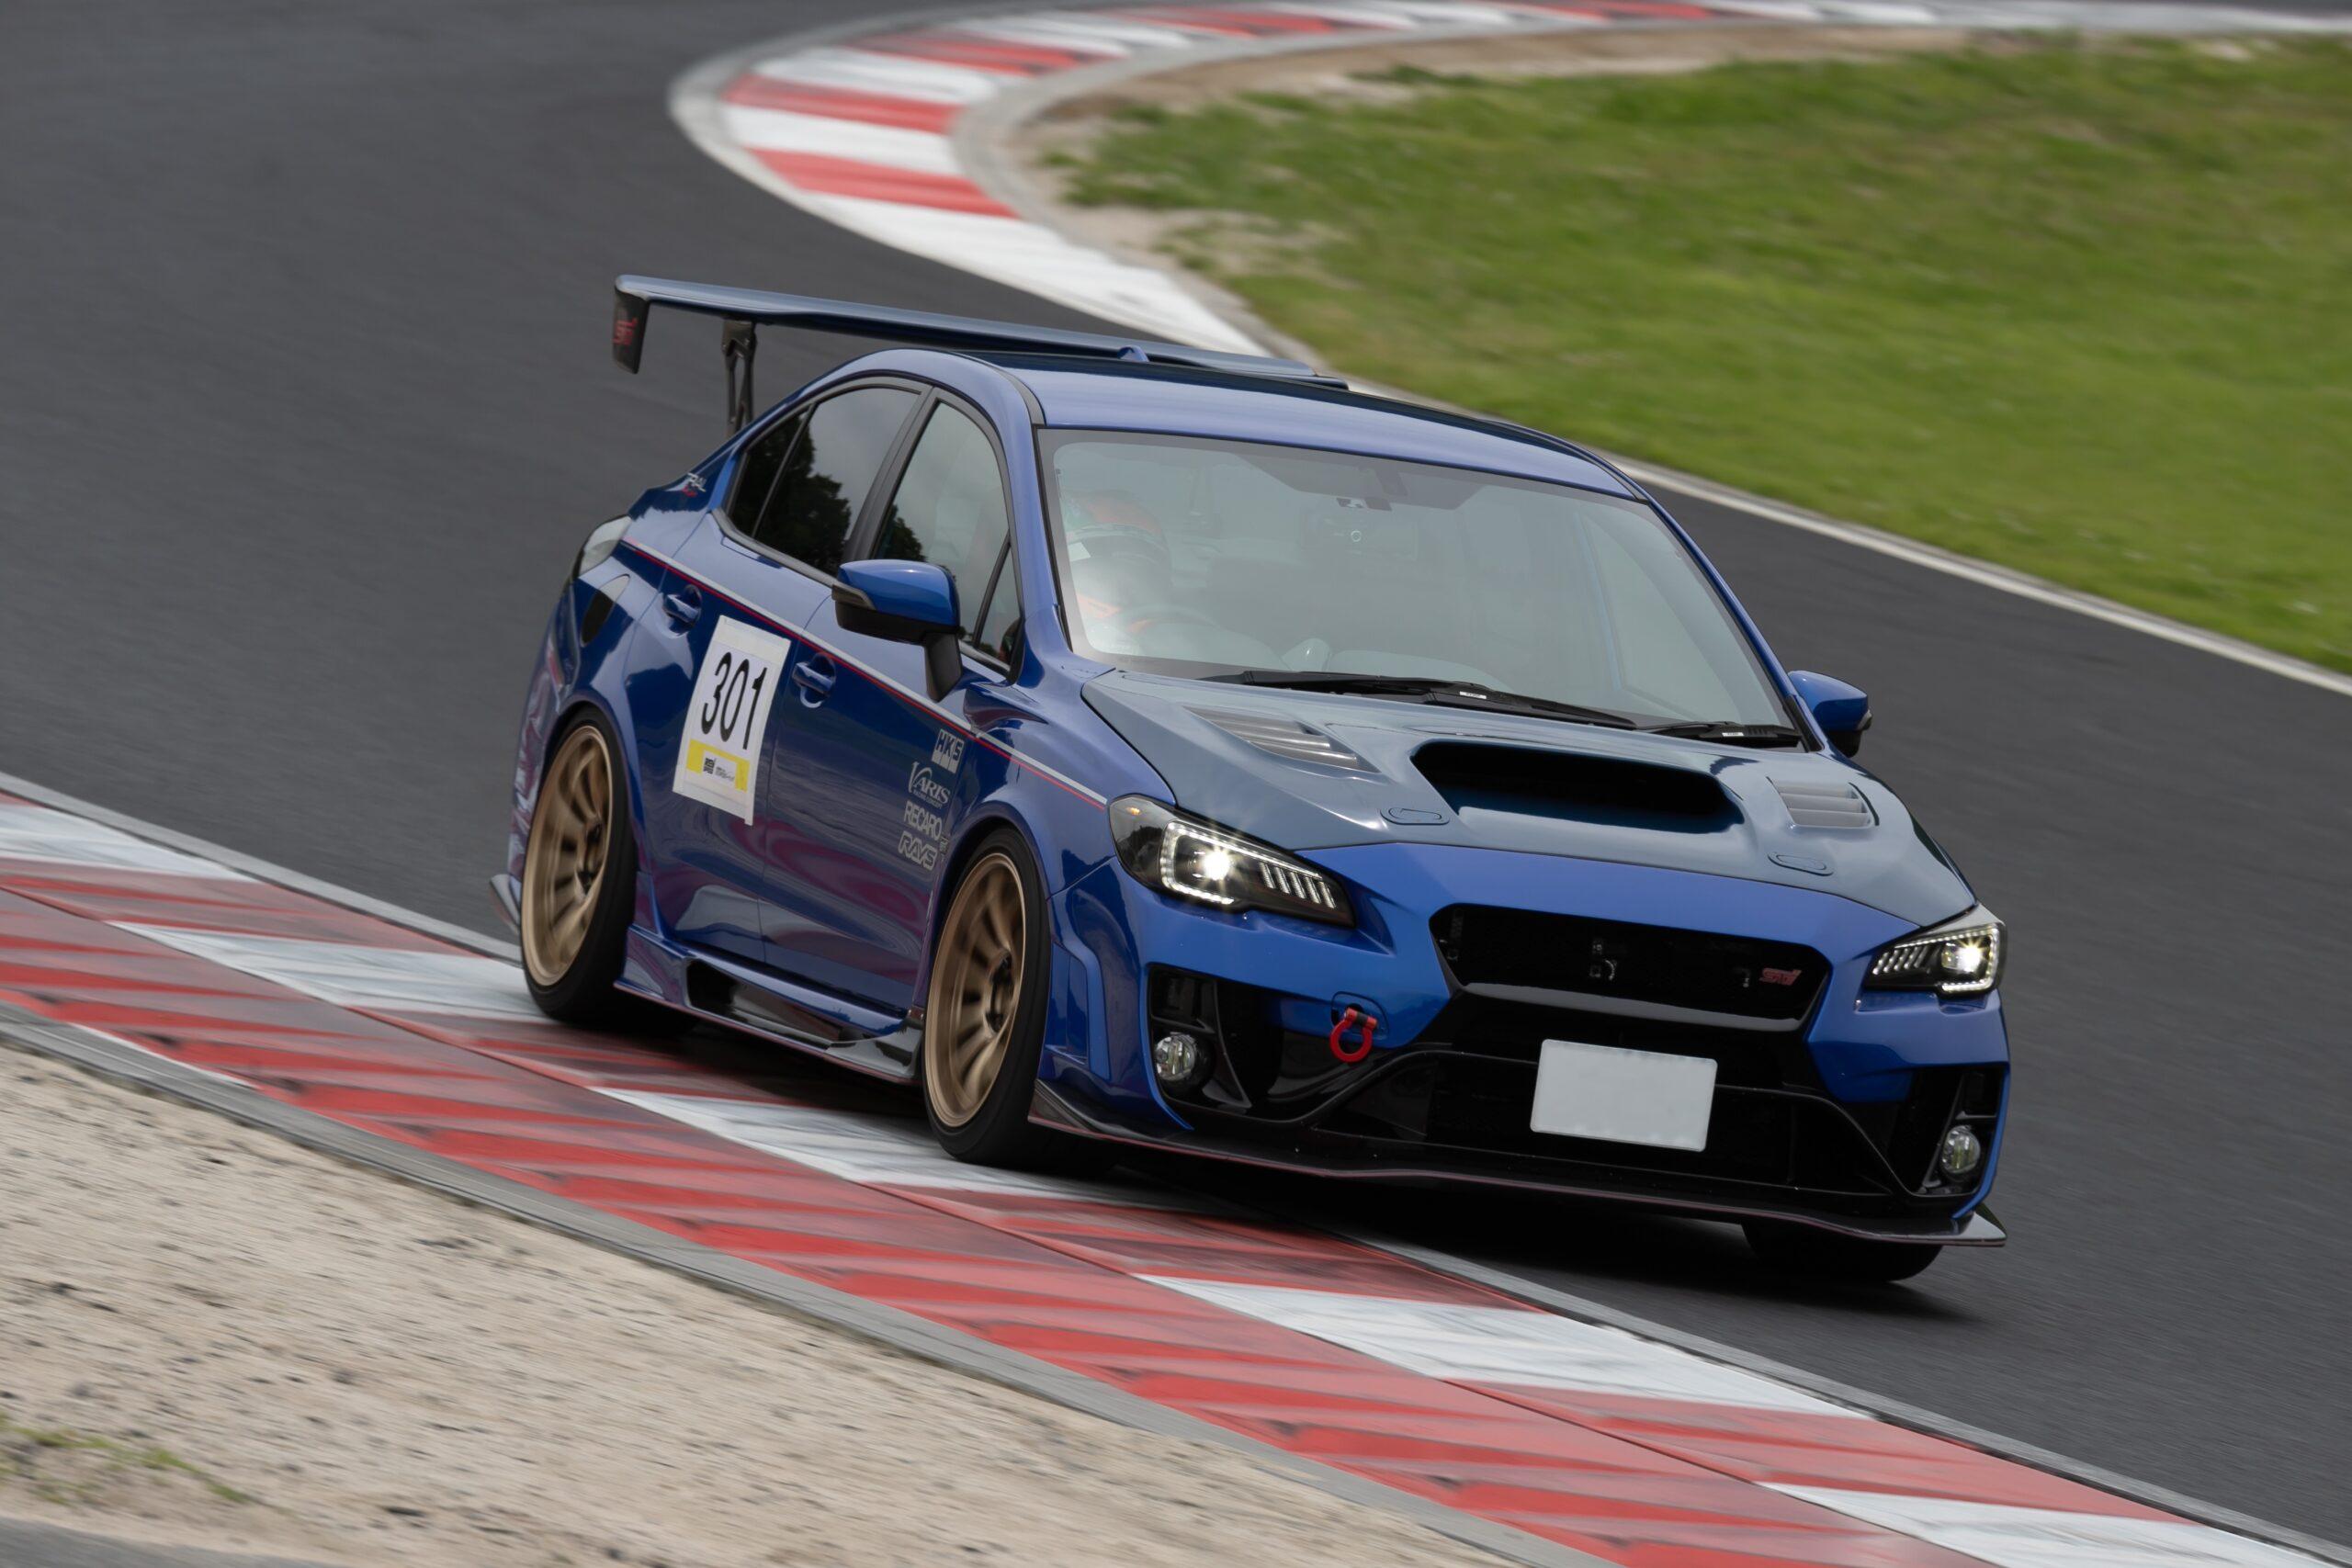 2.2ℓ×GTⅢ-RSでも周回を楽しめる!クーリング対策にも注目なトライアル VAB WRX STI